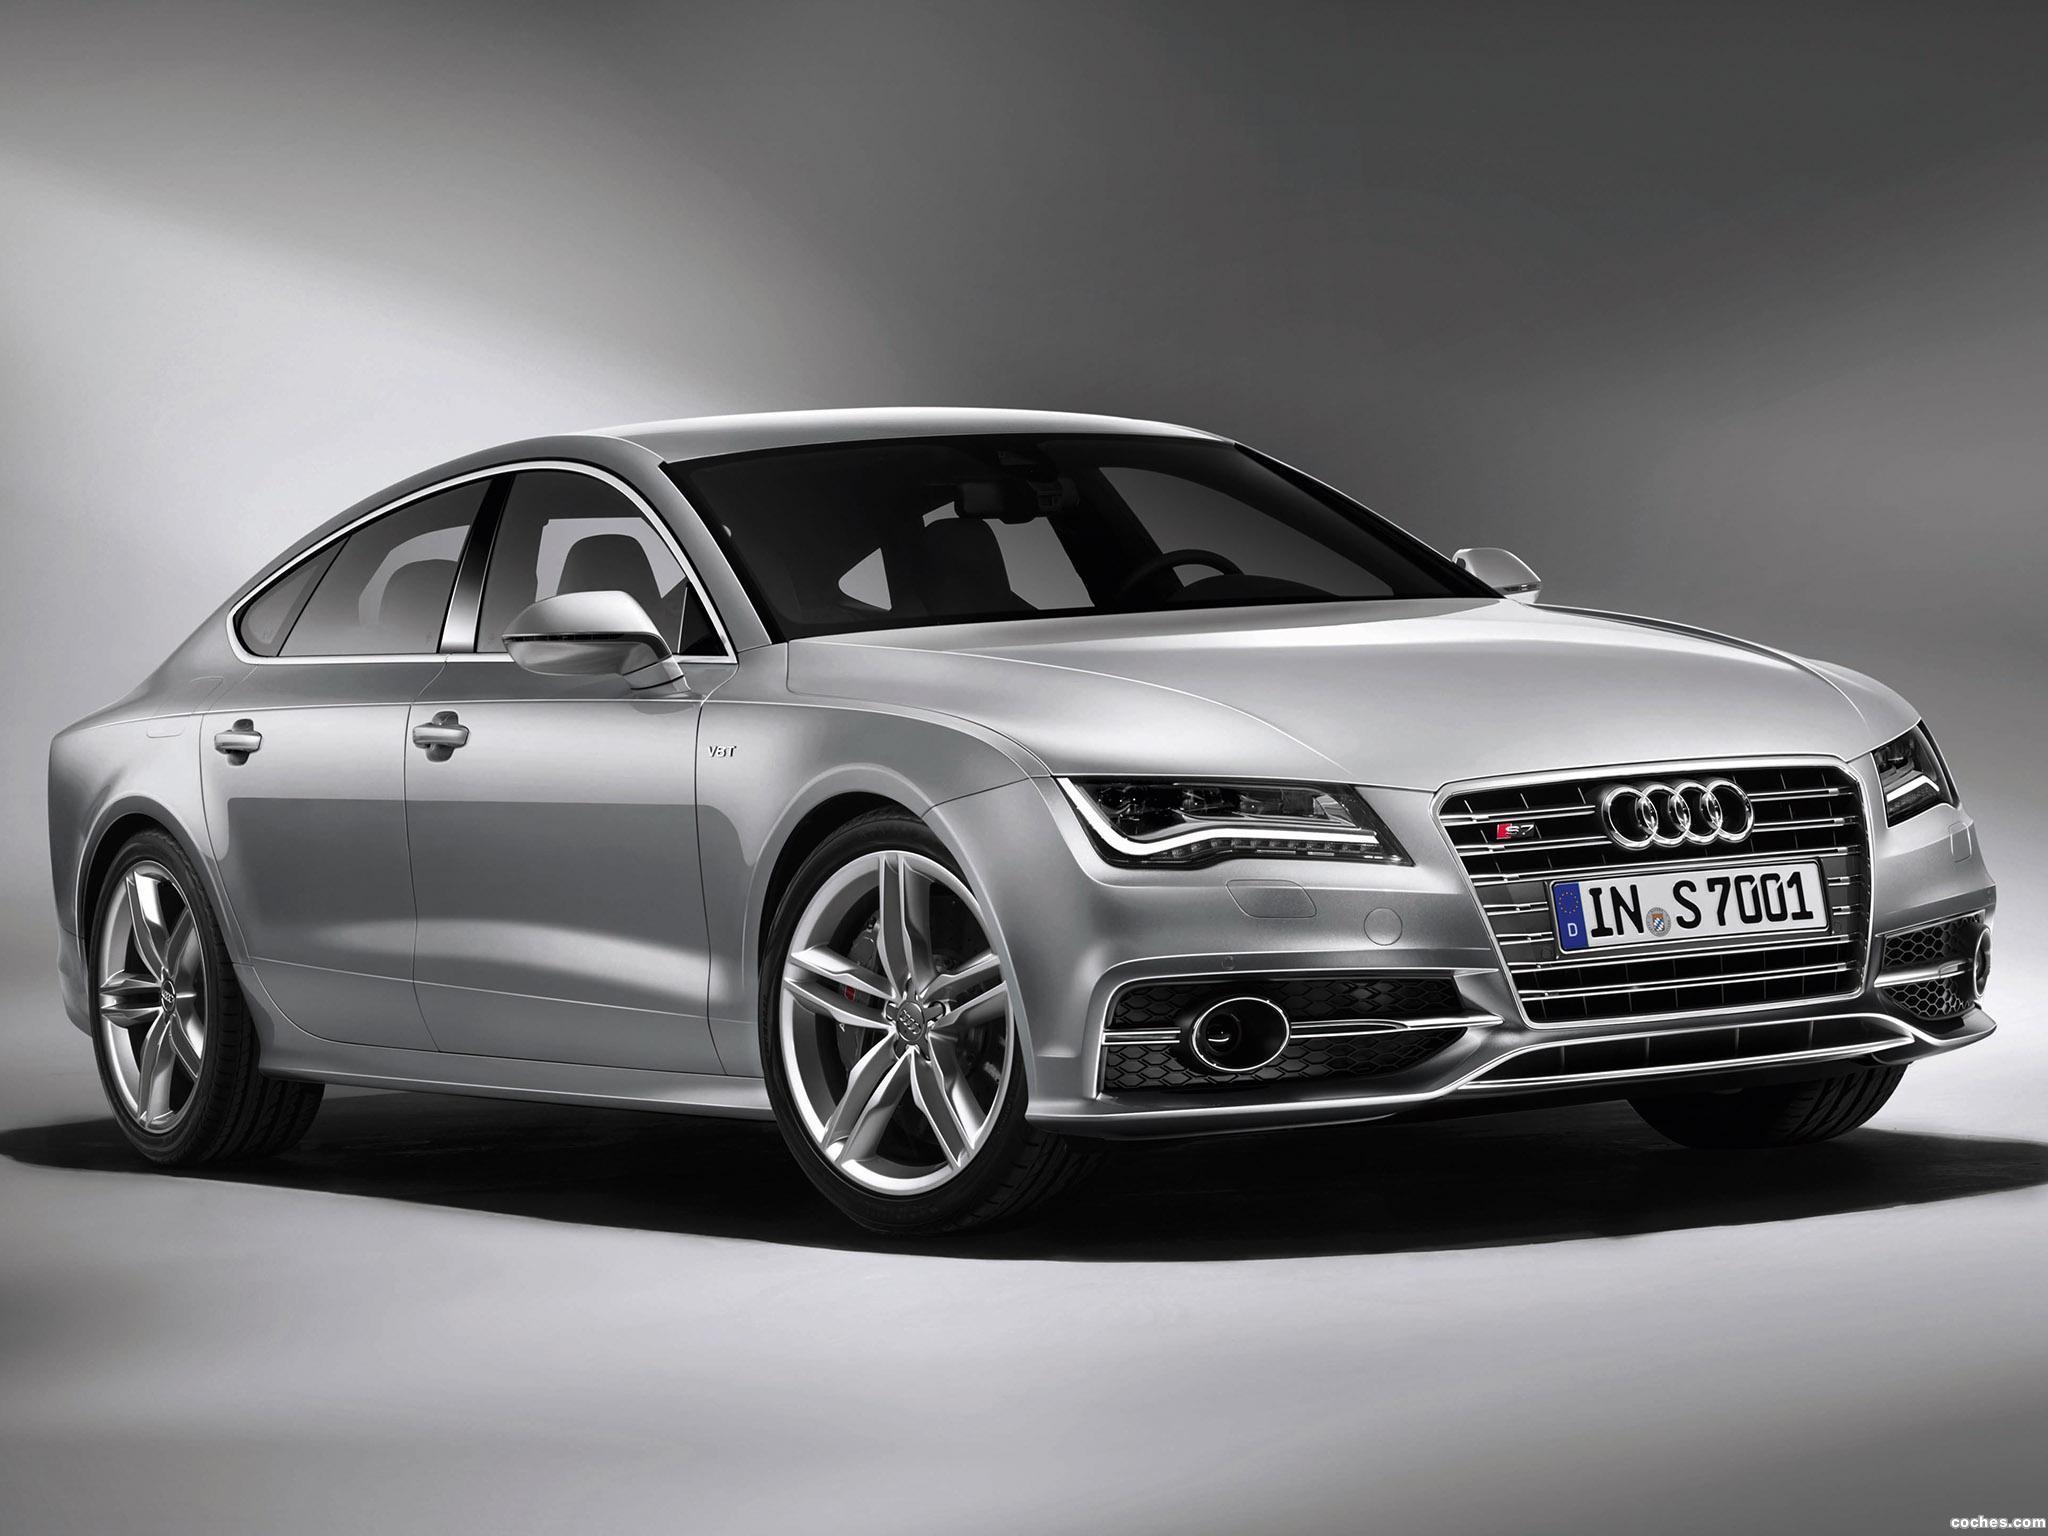 Foto 0 de Audi S7 Sportback 2011